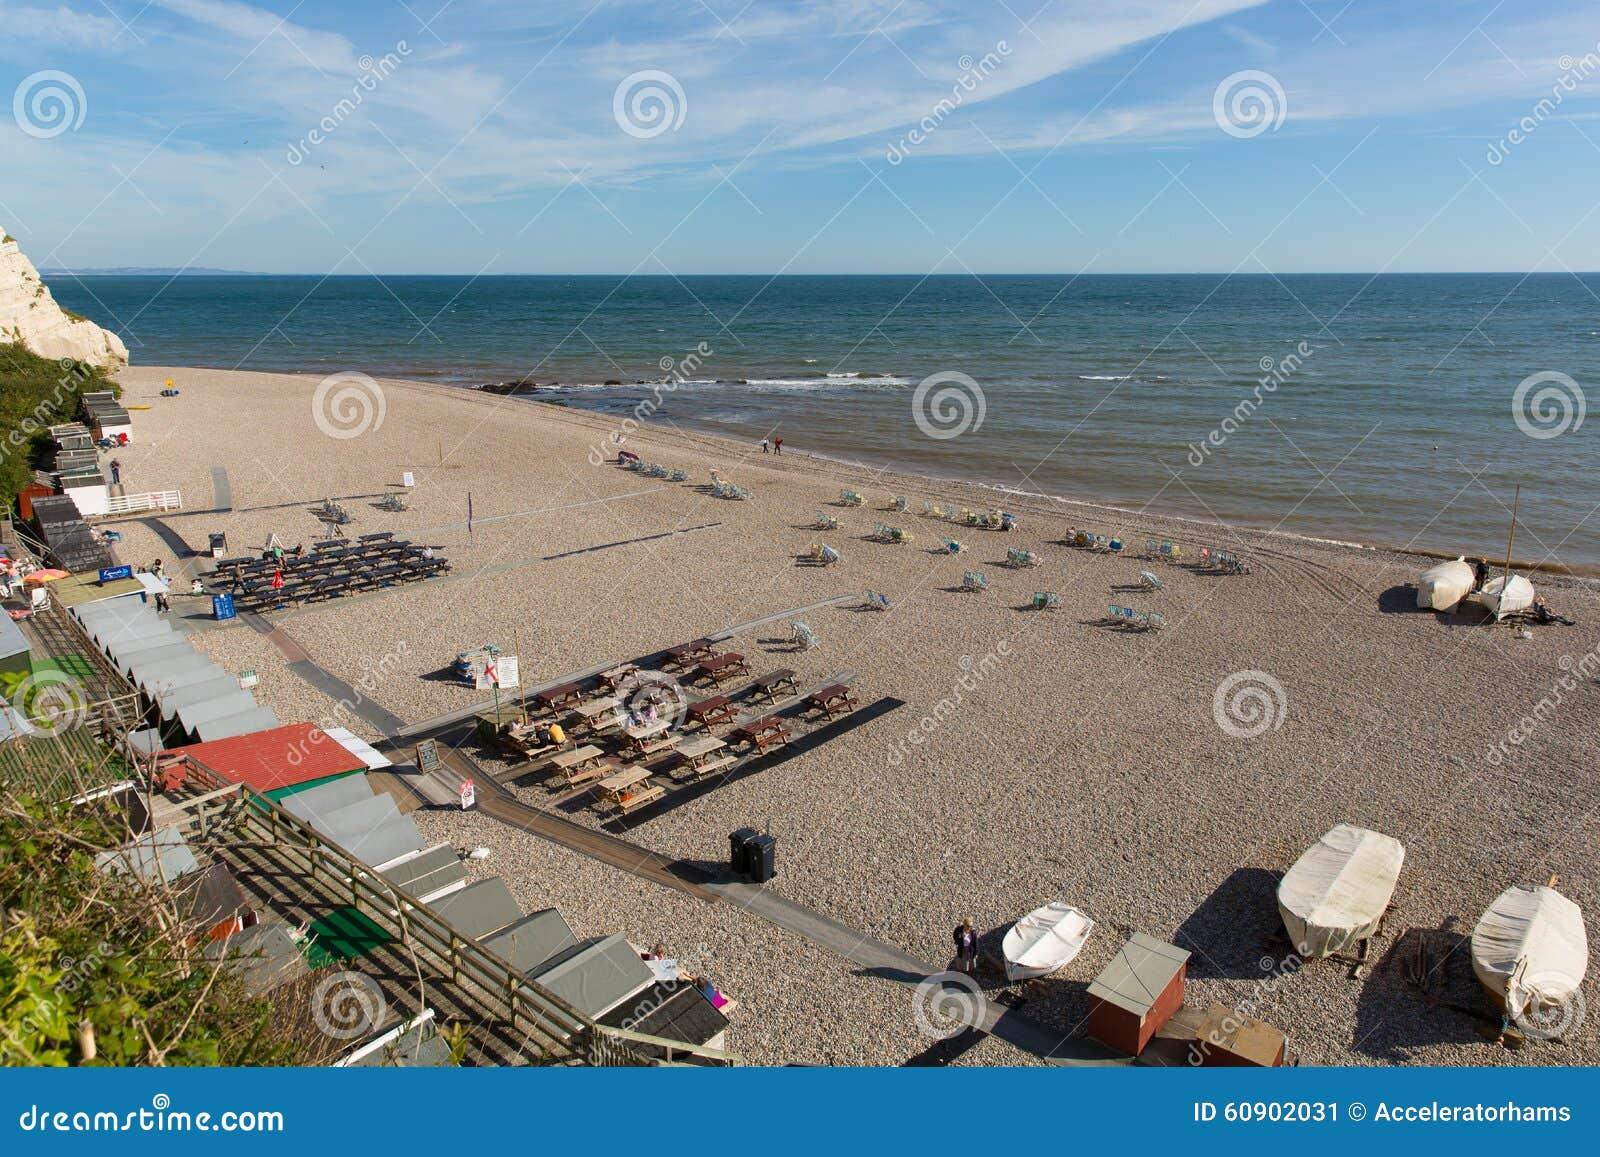 Пляж Девон Англия Великобритания пива с людьми abd шлюпок